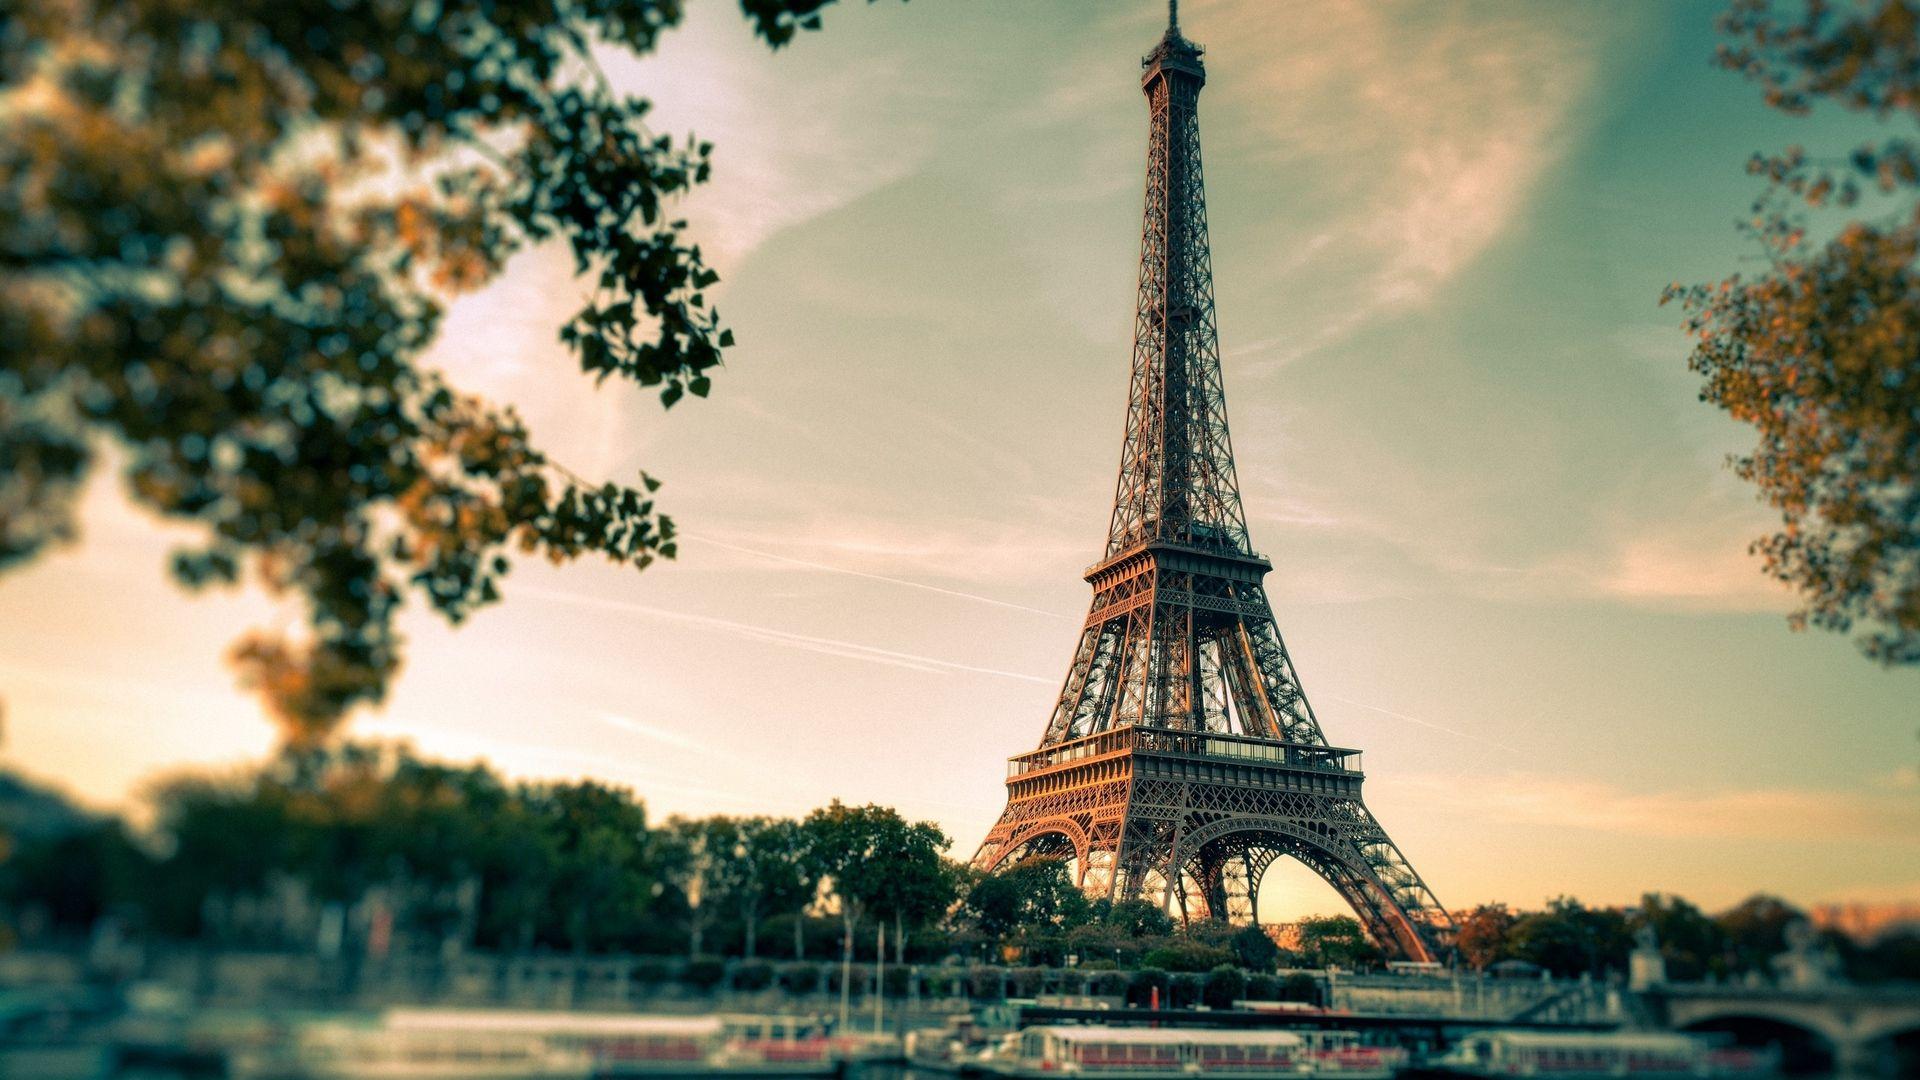 Paris France Landscape Desktop Wallpapers   Top Paris France 1920x1080